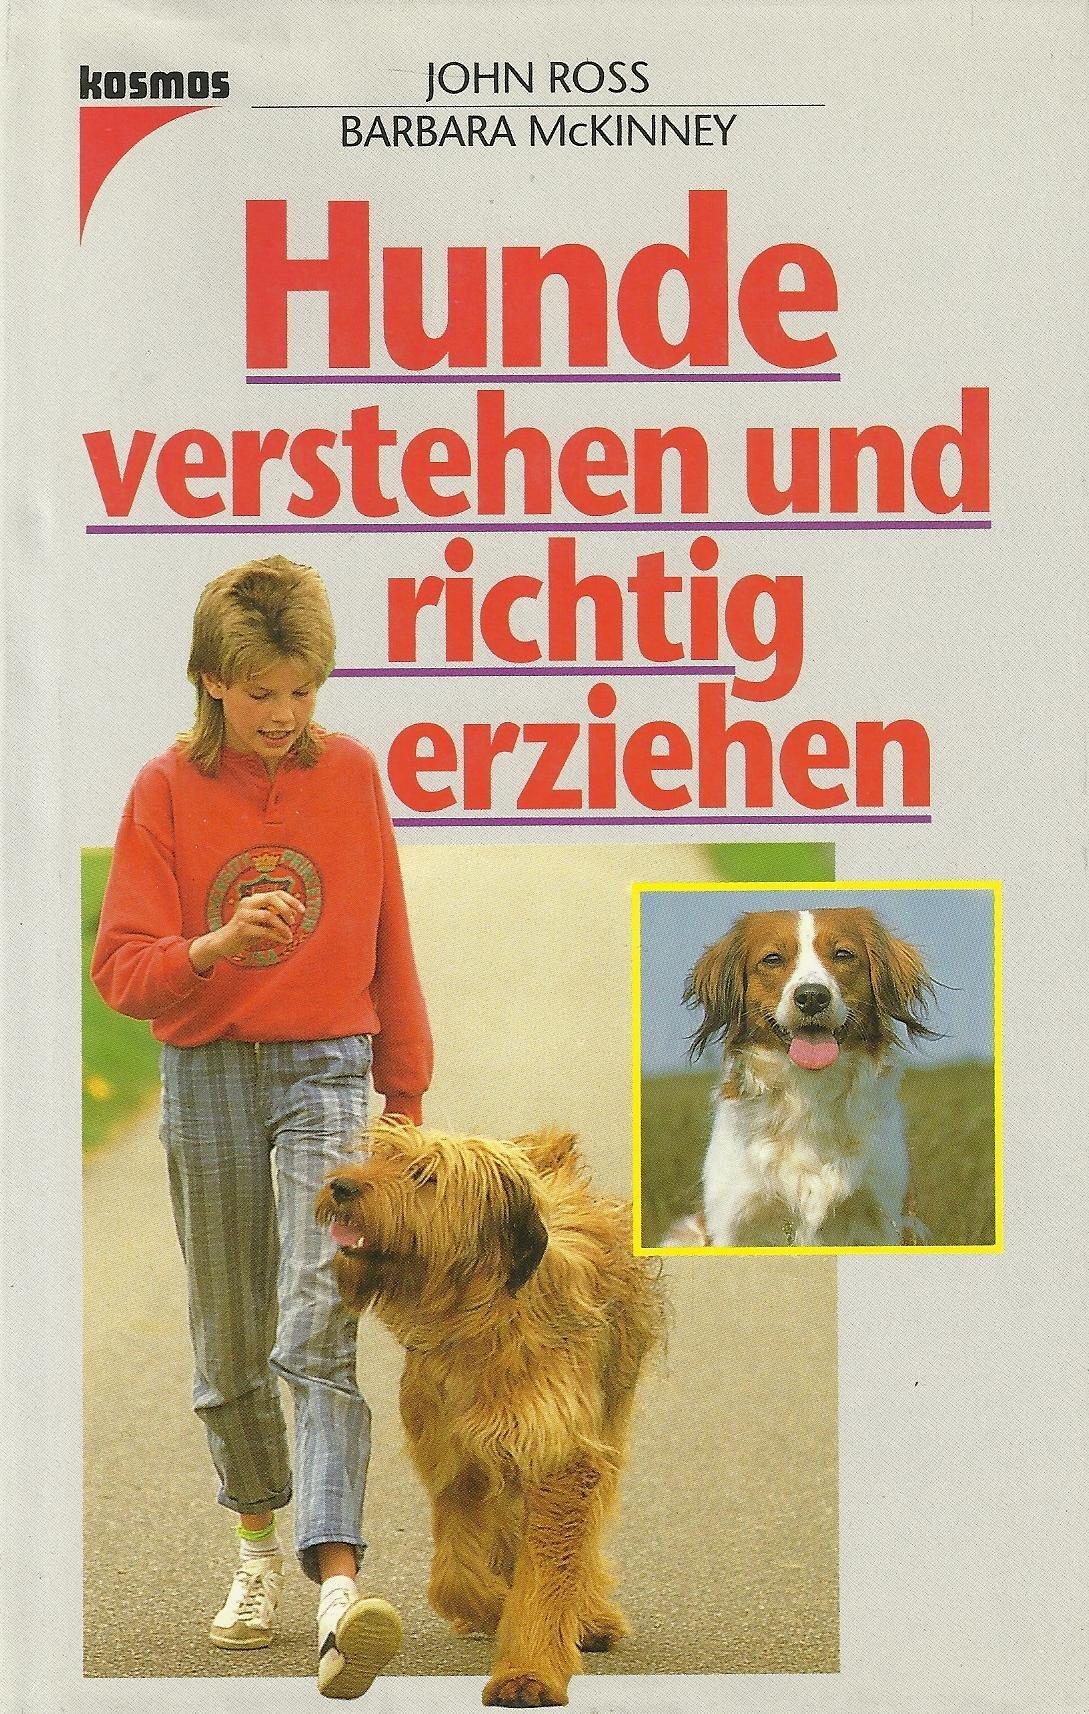 hunde-verstehen-und-richtig-erziehen